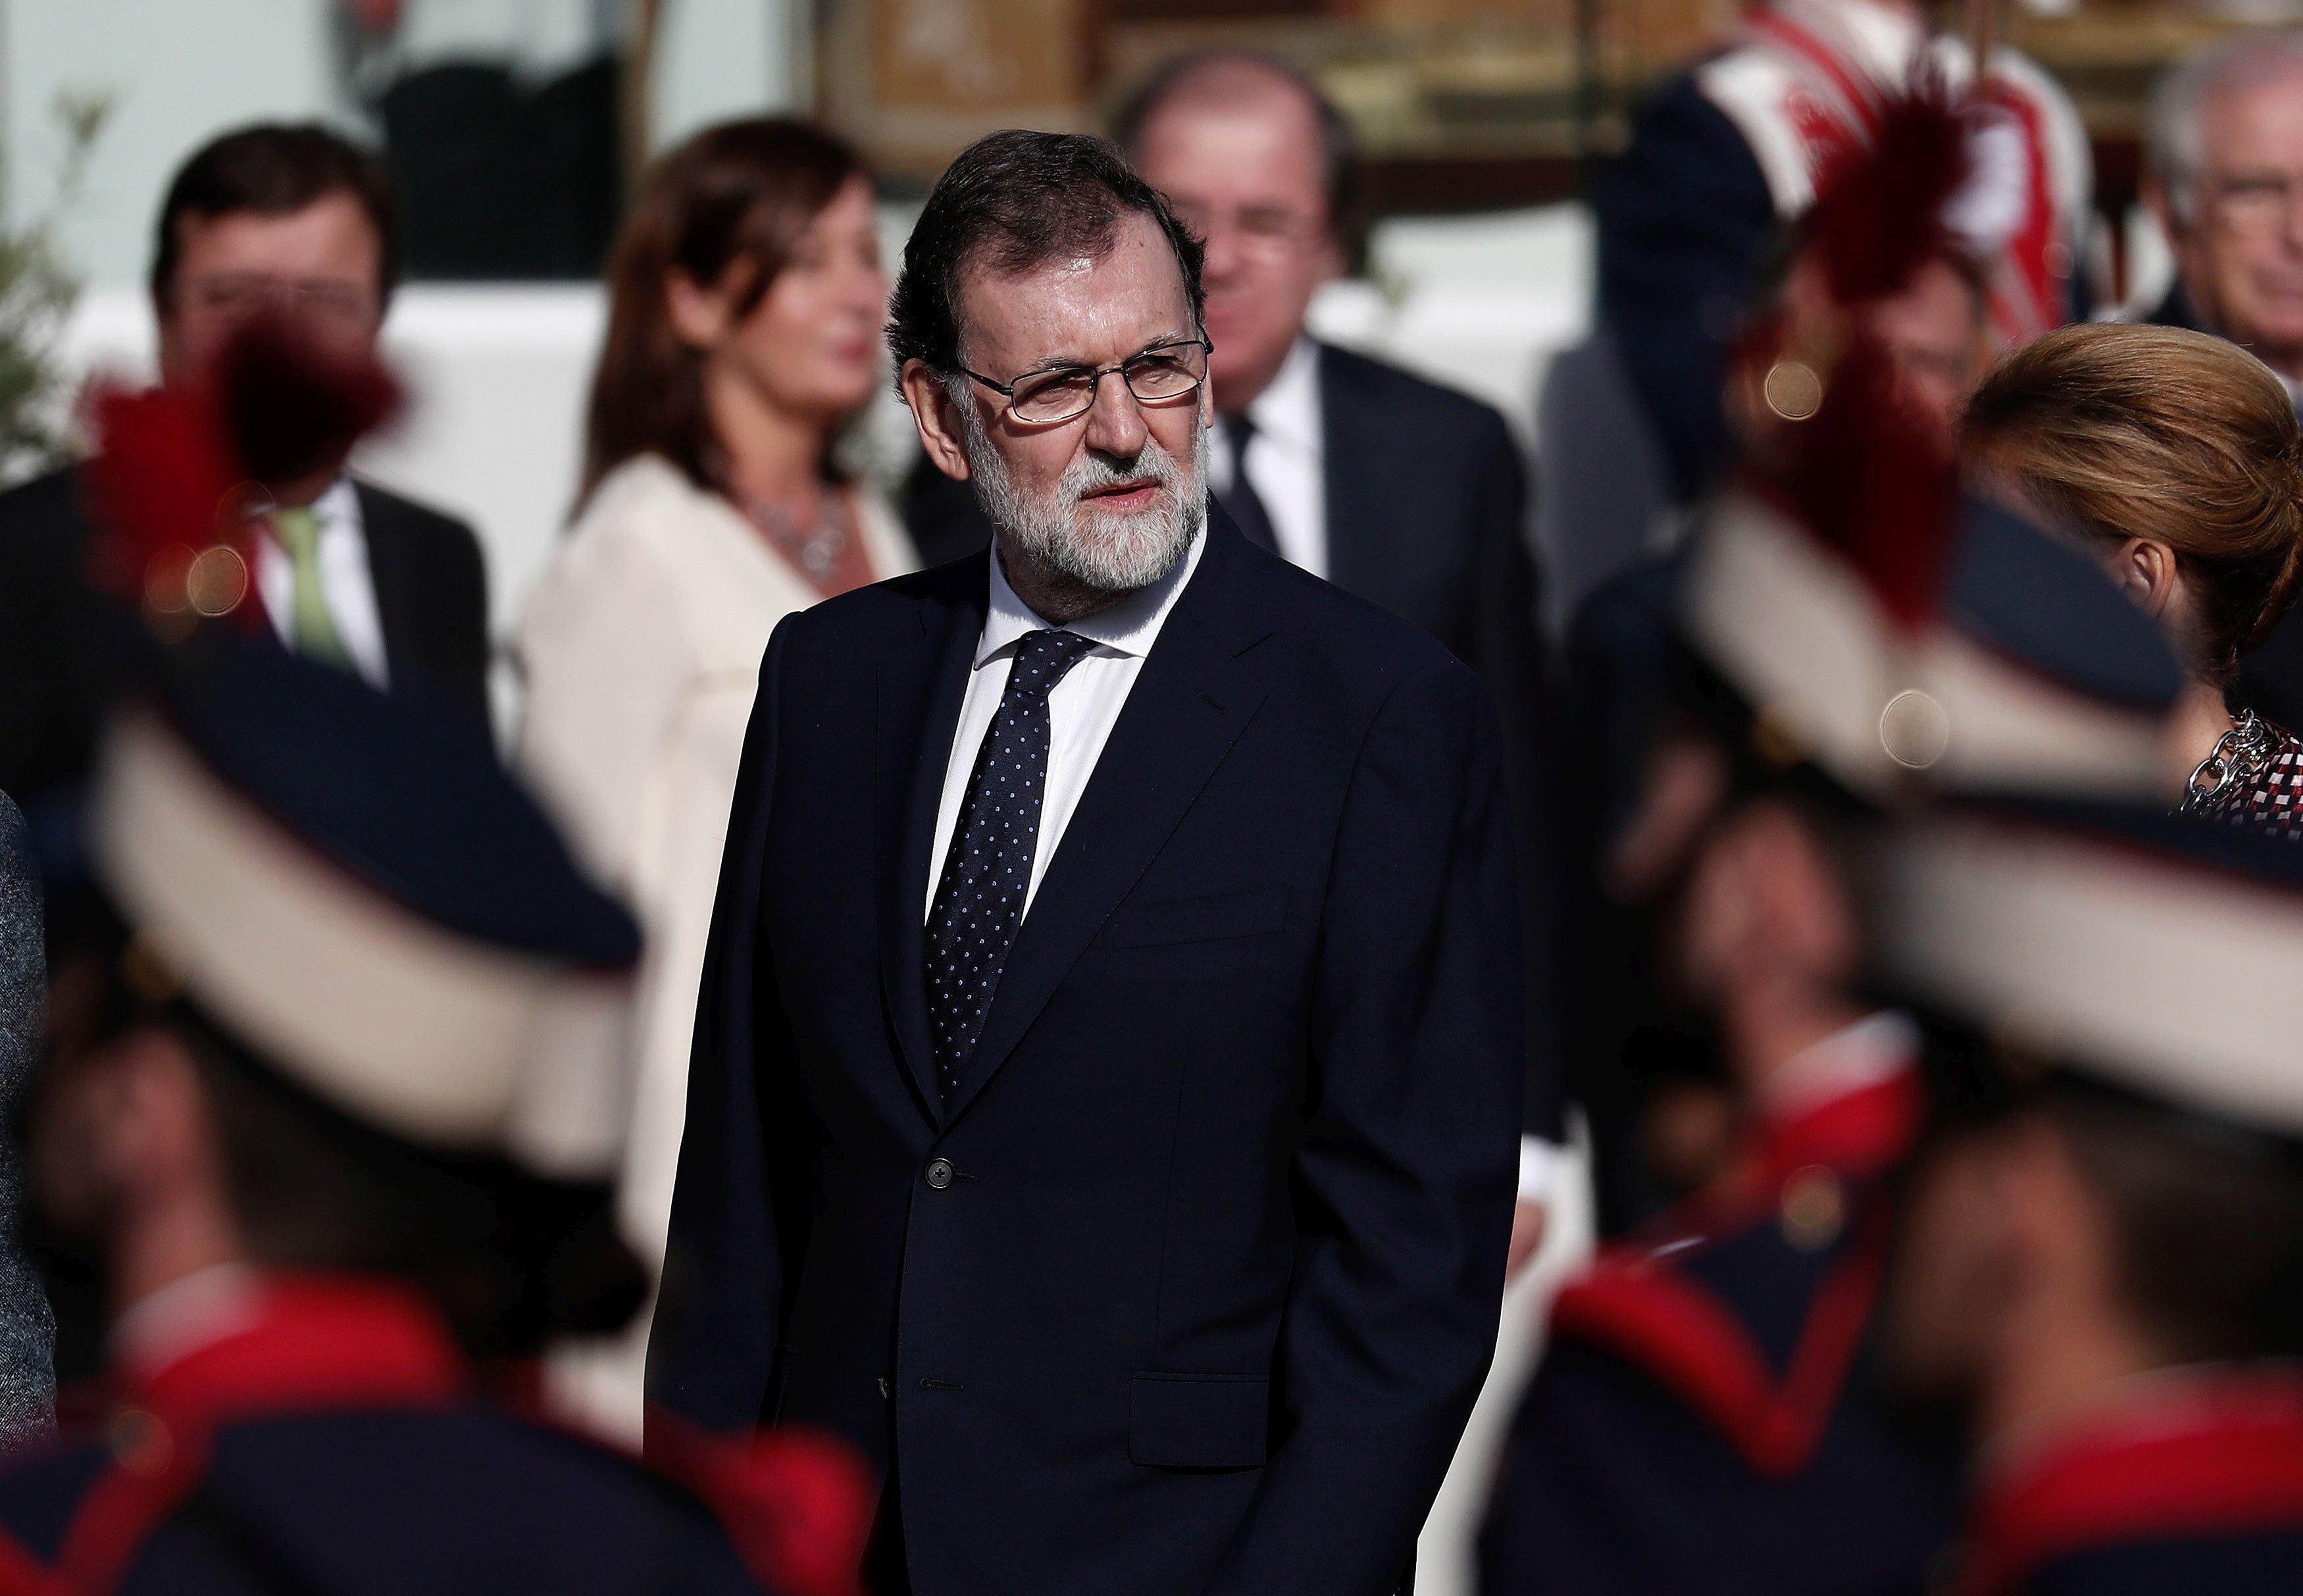 Premierul Spaniei, prima vizită la Barcelona, după suspendarea AUTONOMIEI: `Trebuie să salvăm Catalonia de haosul separatismului`/ Opt foşti membri ai administraţiei regiunii Catalonia şi doi activişti sunt închişi | VIDEO